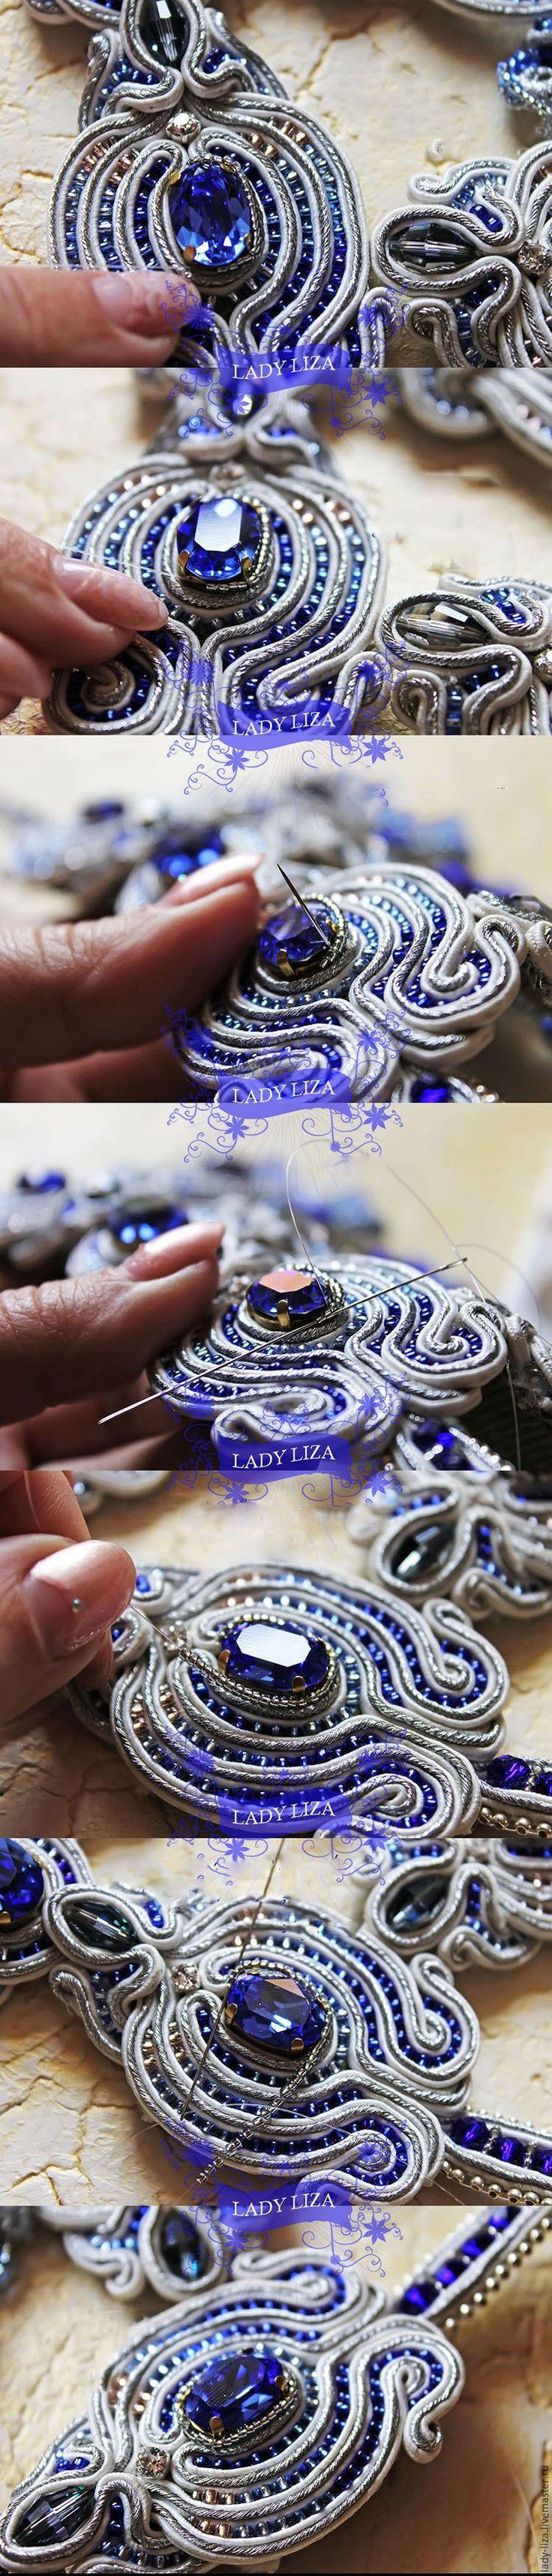 Вышиваем свадебное сутажное колье «Прибой» с кристаллами Swarovski - Ярмарка Мастеров - ручная работа, handmade